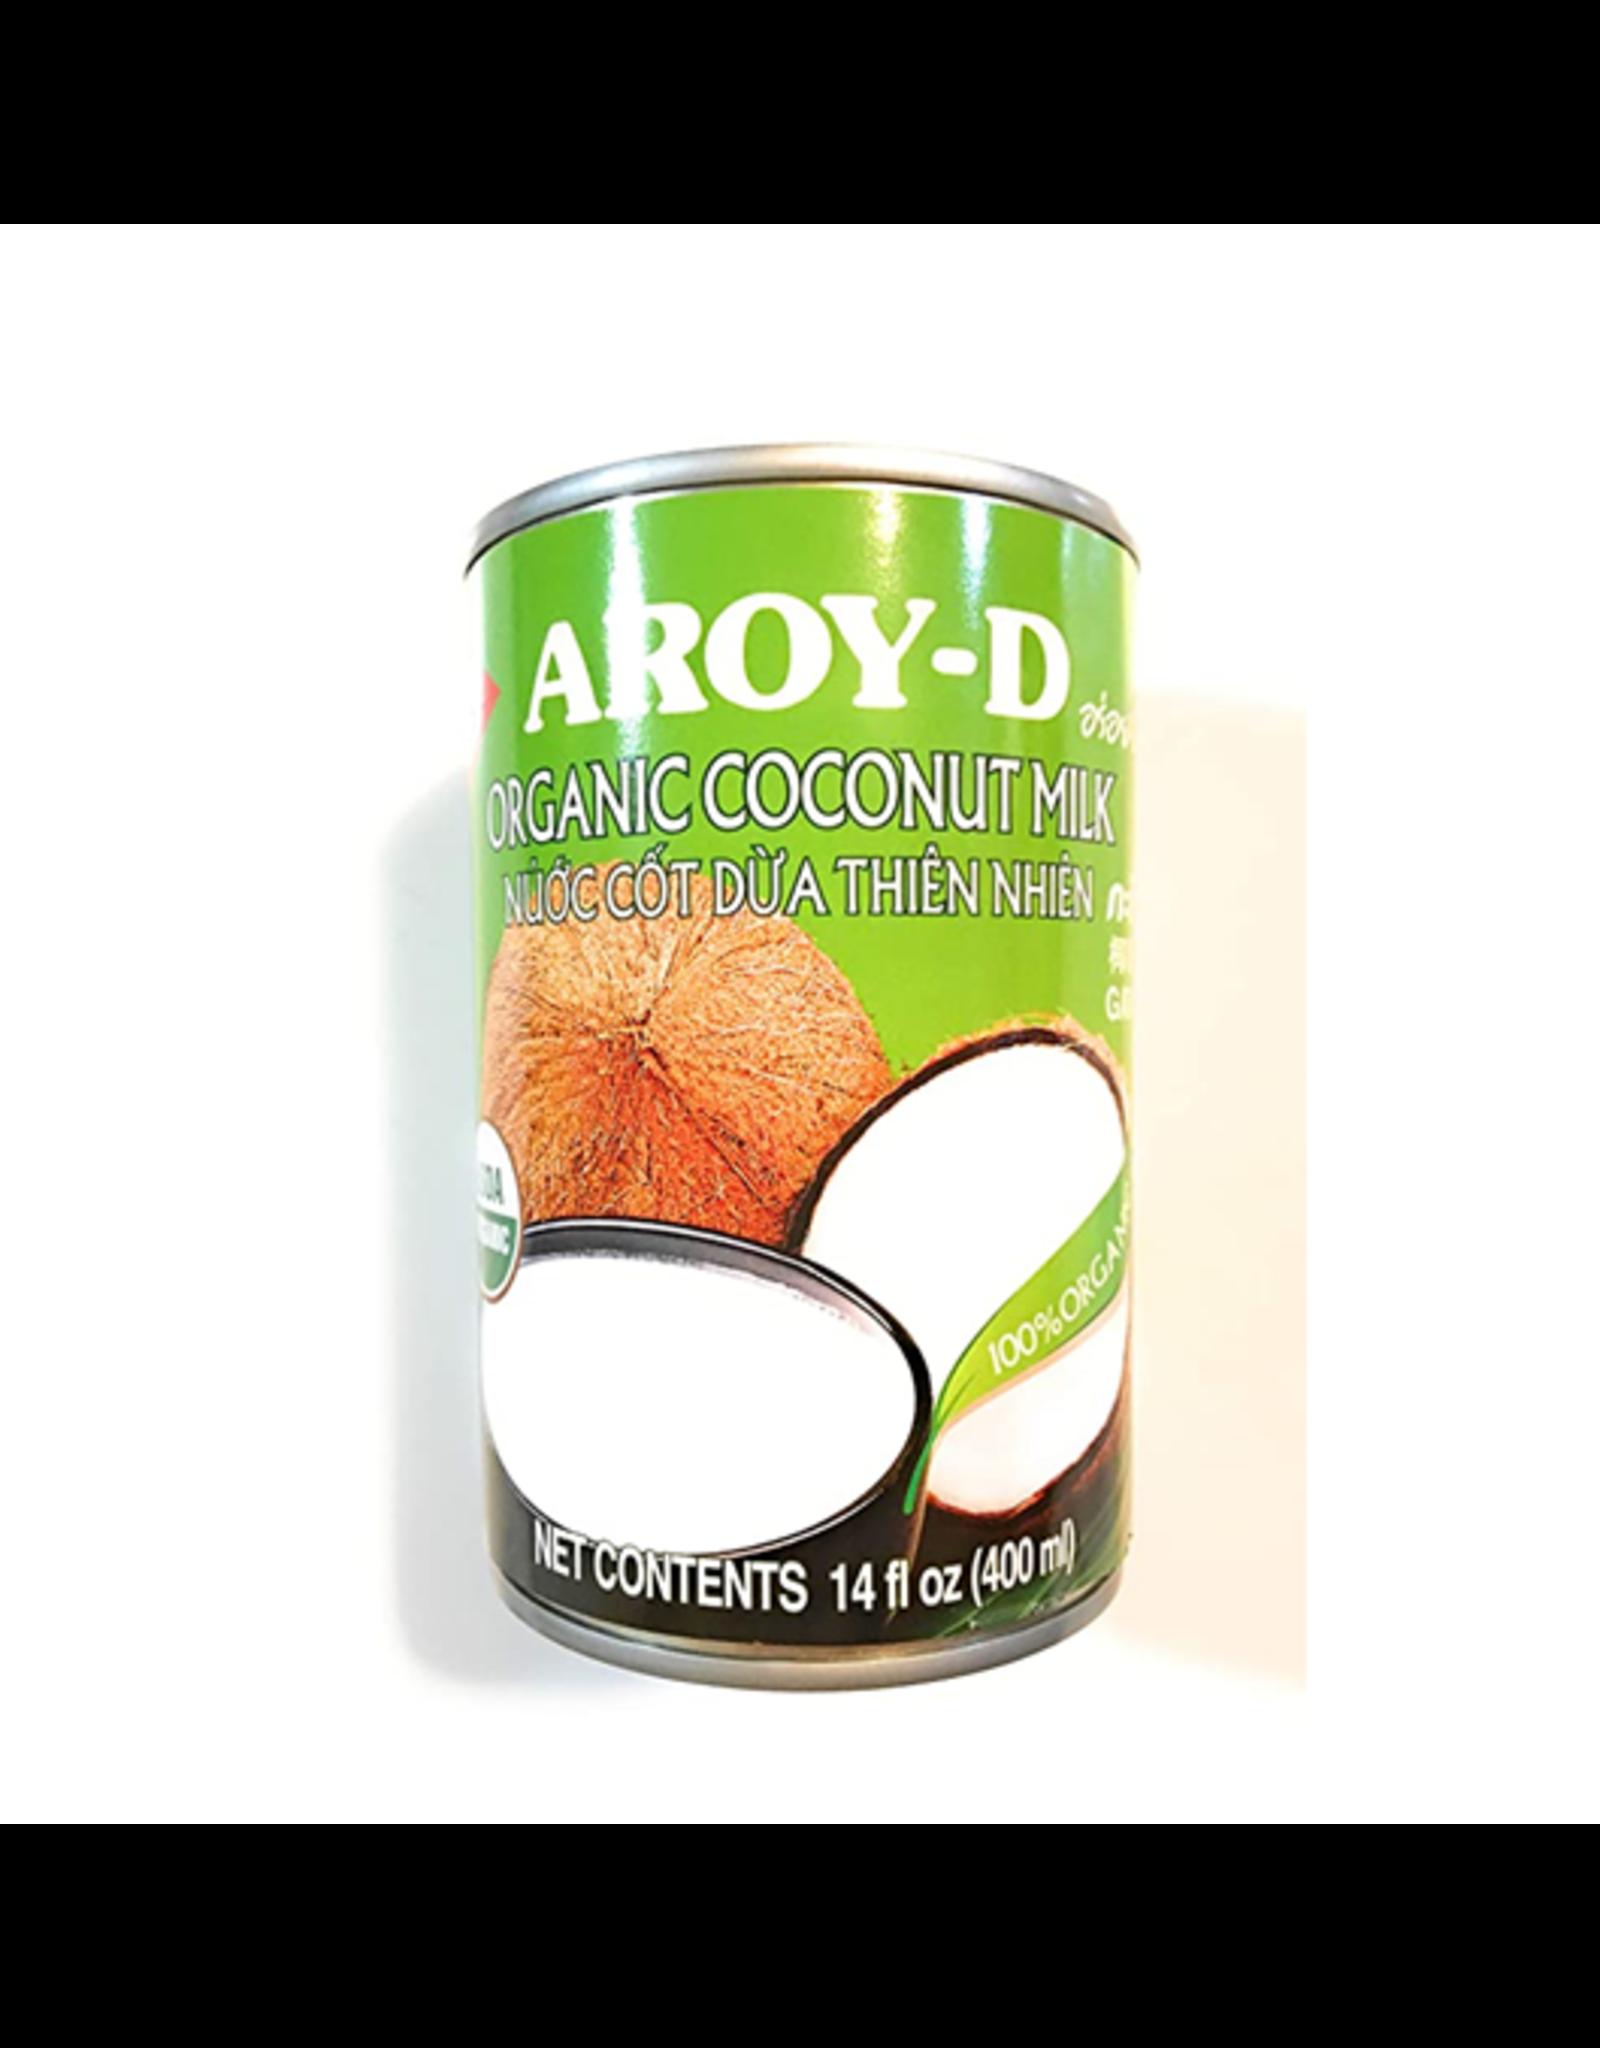 Aroy-D Kokosmelk Biologisch 400ml